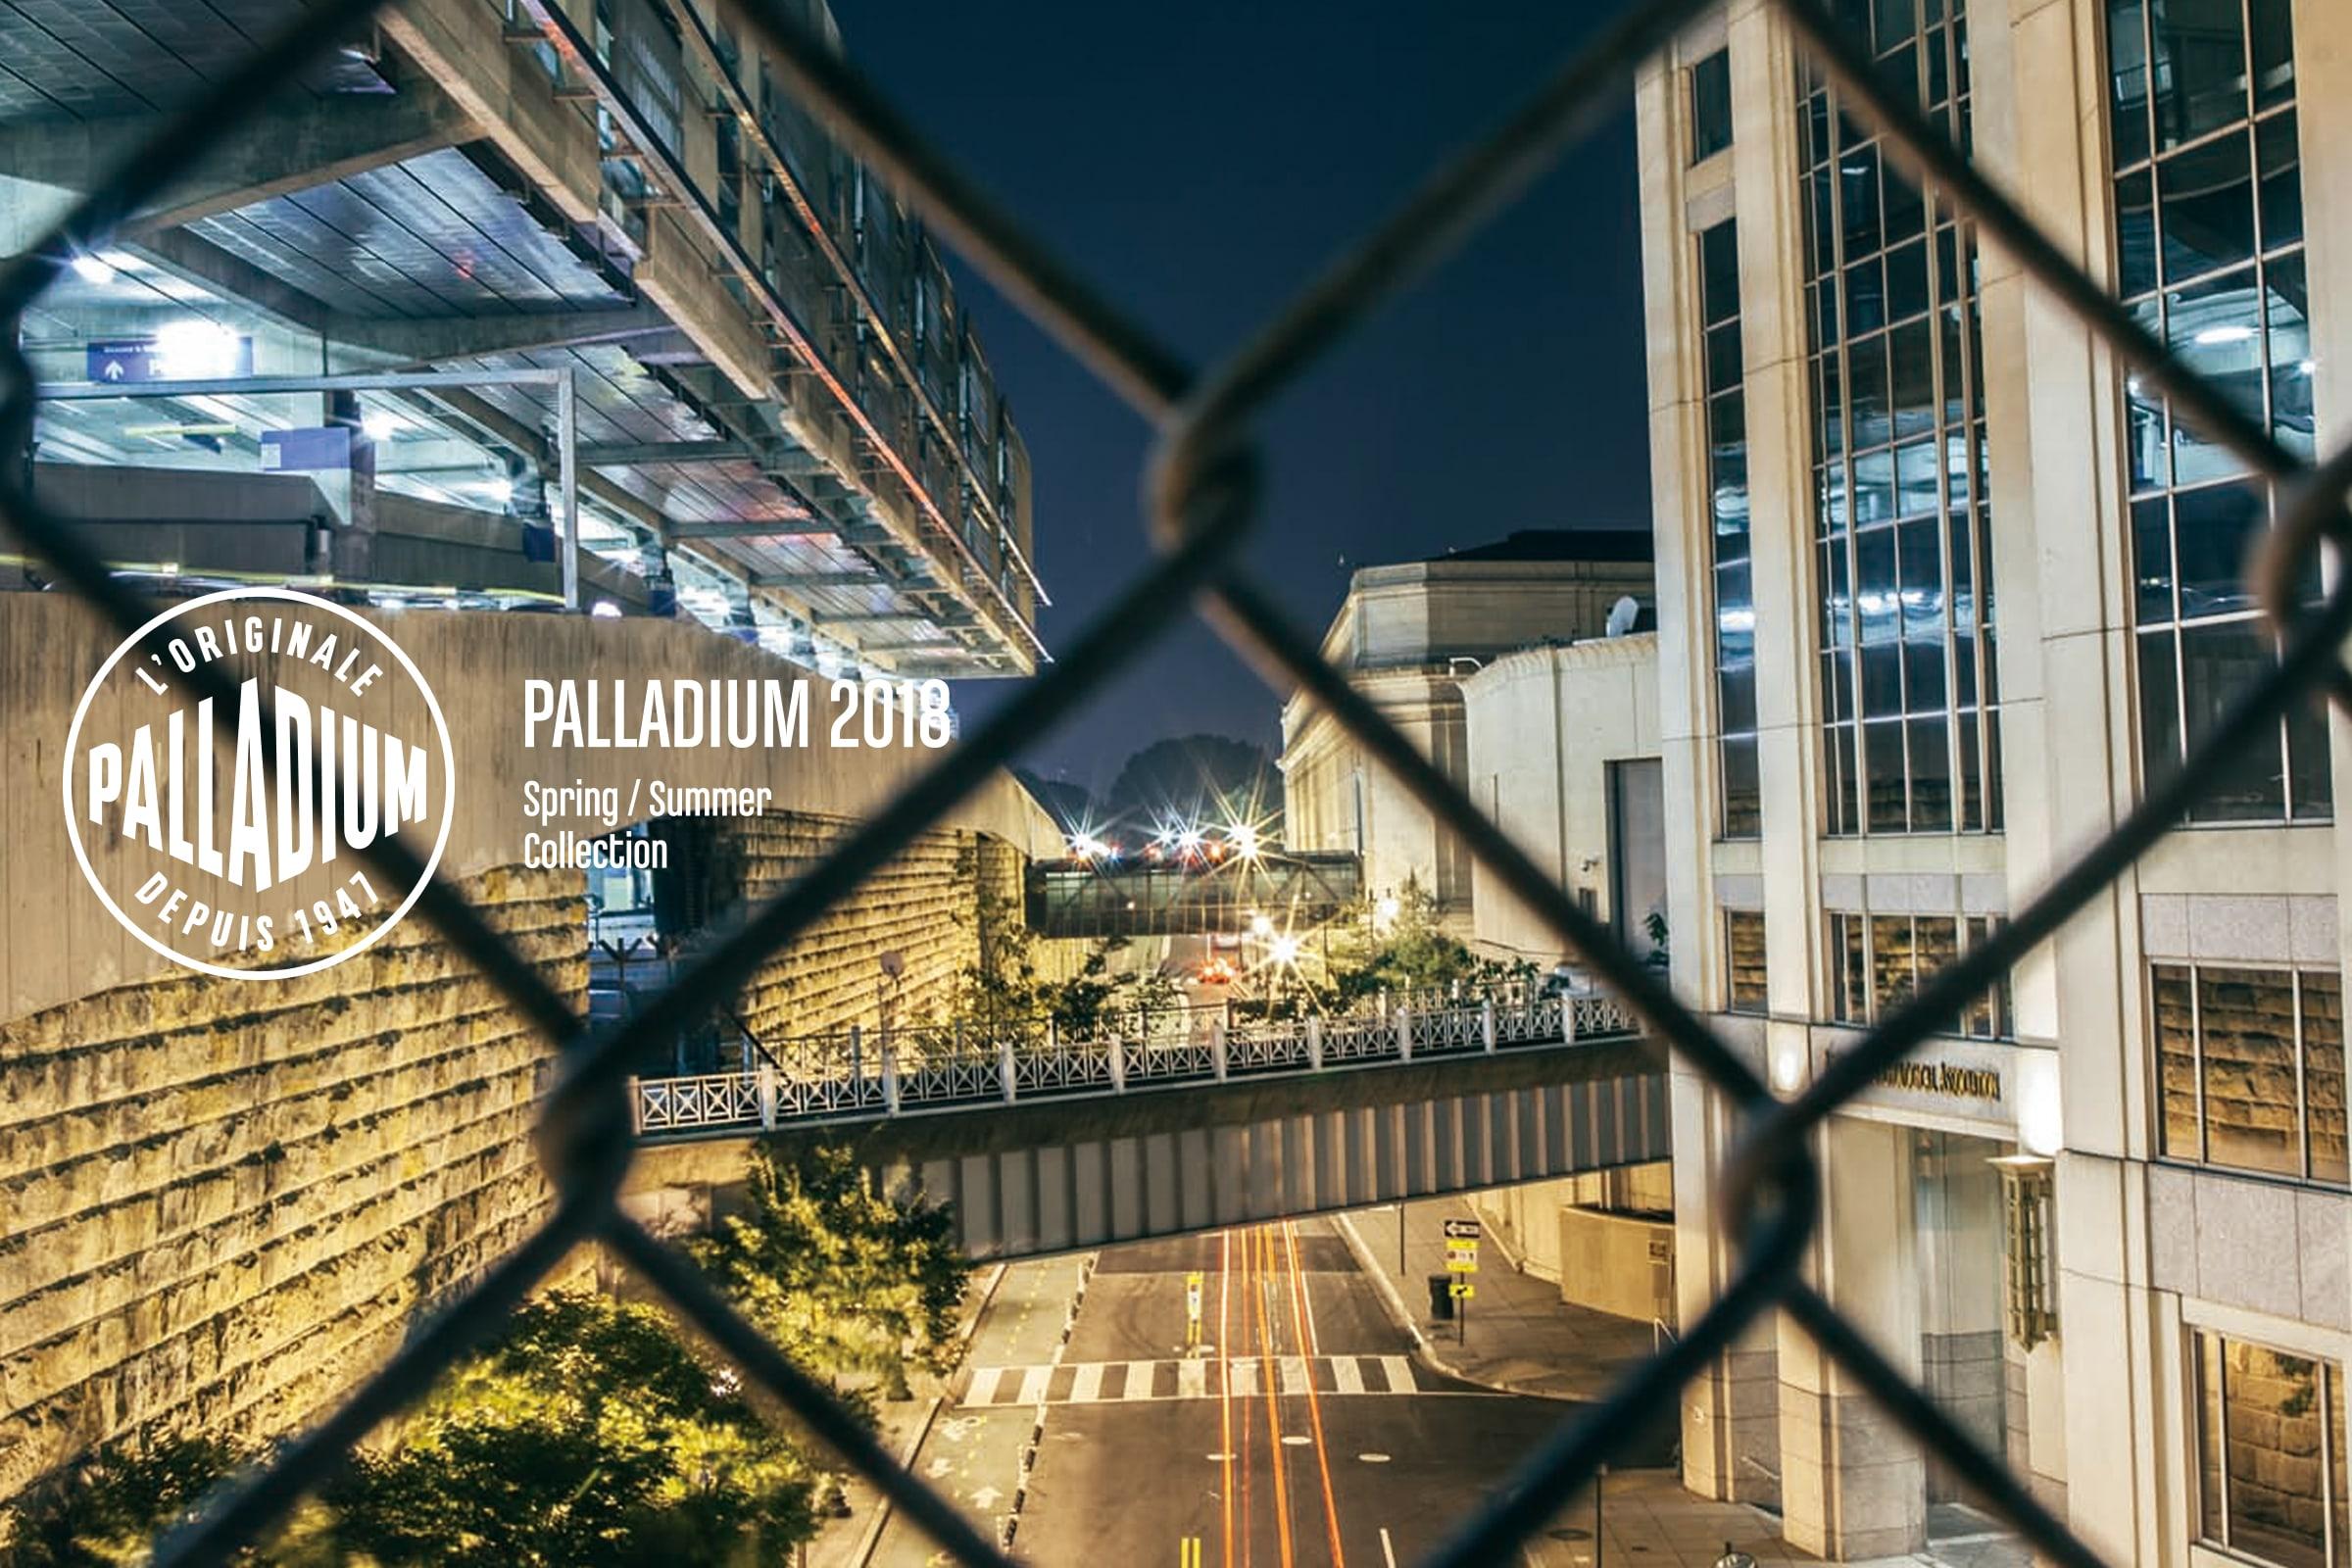 http://www.ssksports.com/palladium/catalogue/2018ss-collection